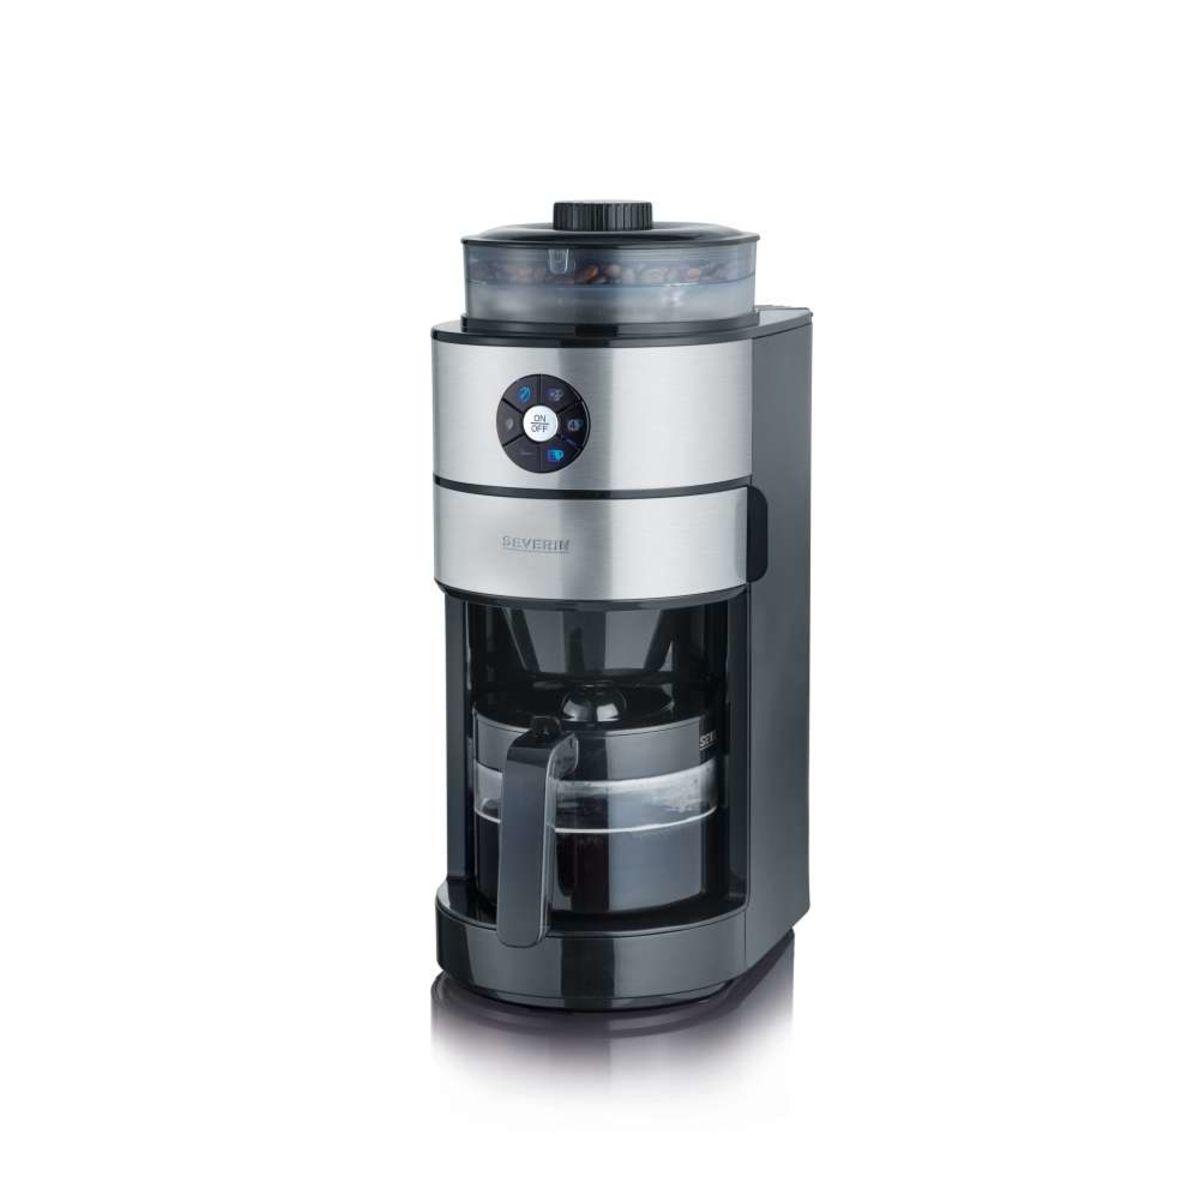 Cafetière filtre avec broyeur KA4811 inox brossé/noir